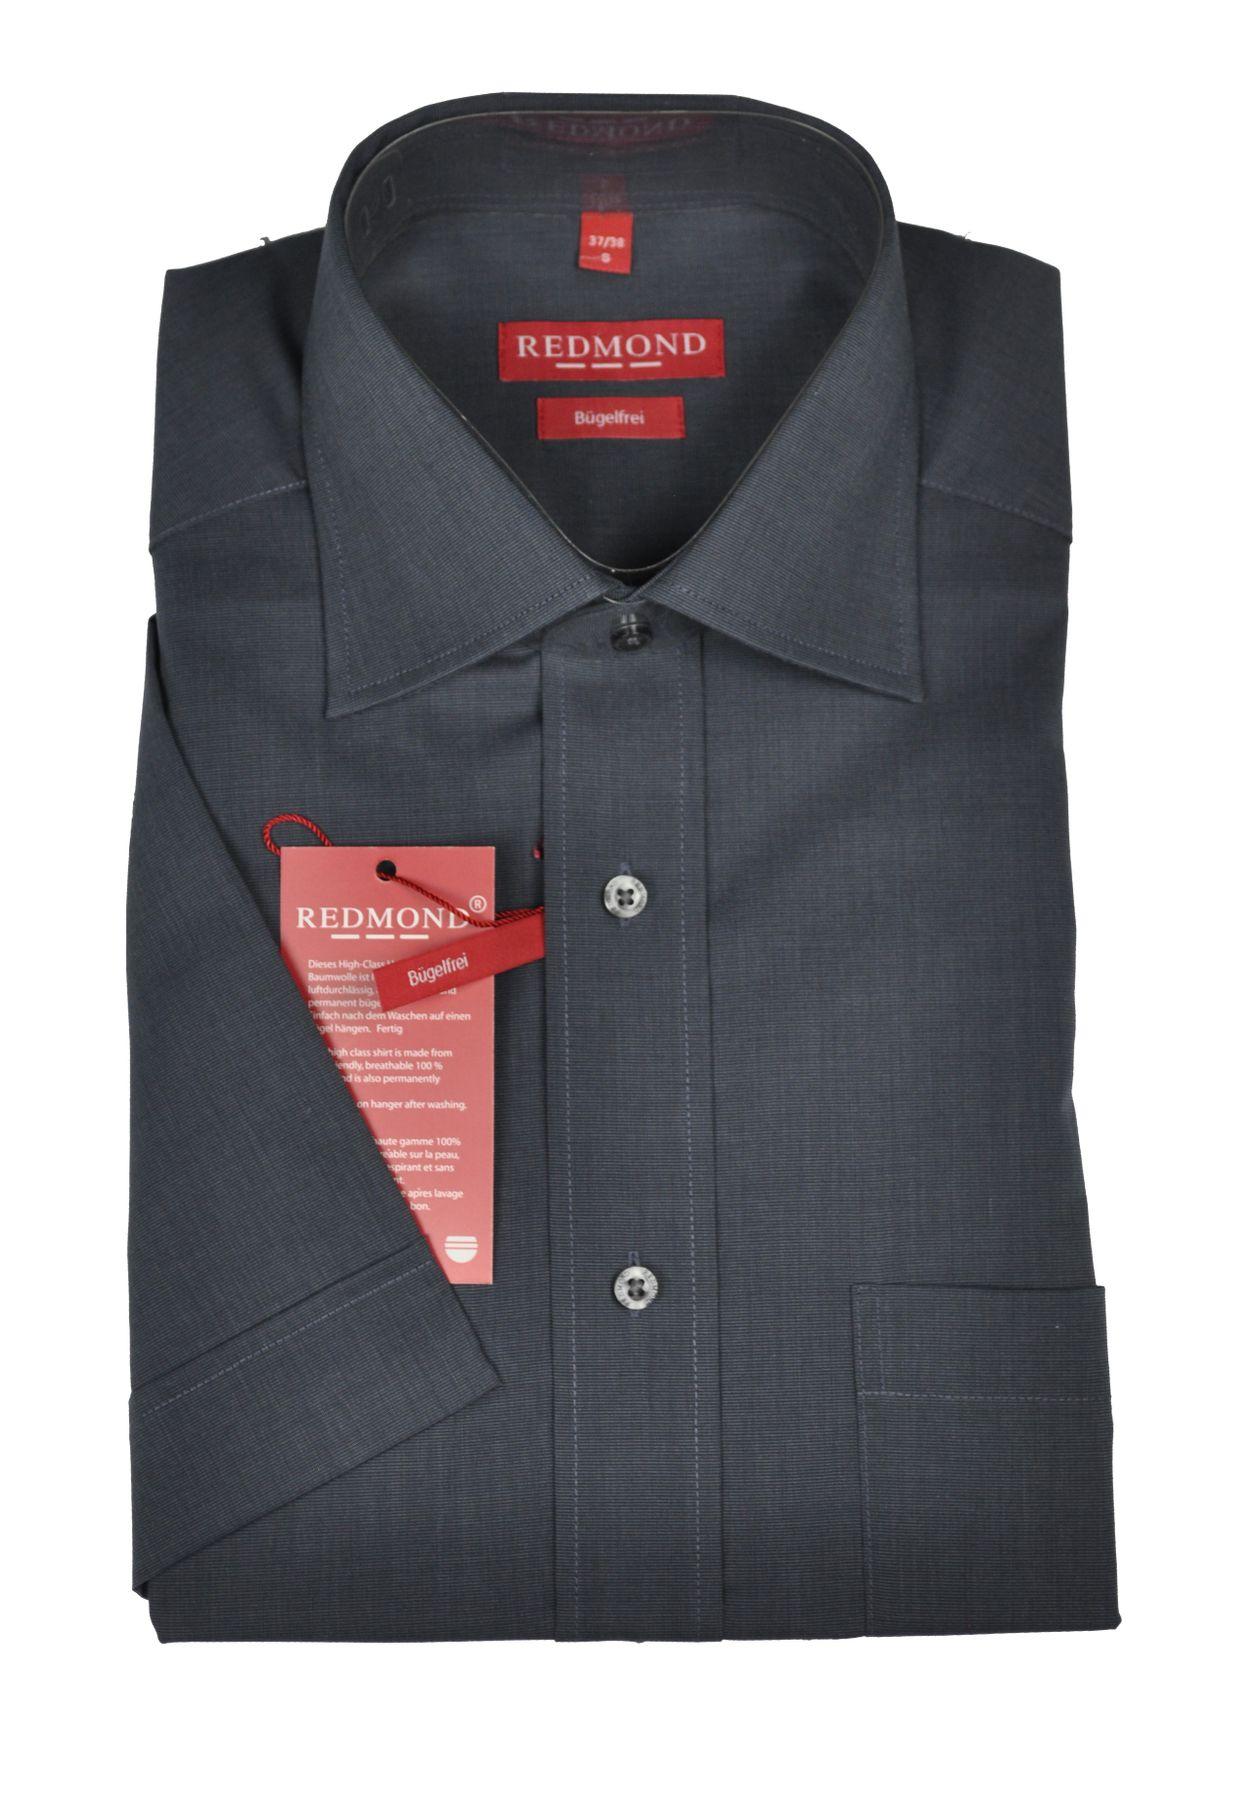 Bügelfreies Herren Halbarm Hemd in verschiedenen Fil à Fil Farbmustern, Stil: Regular Fit, Marke REDMOND (200 900) – Bild 2